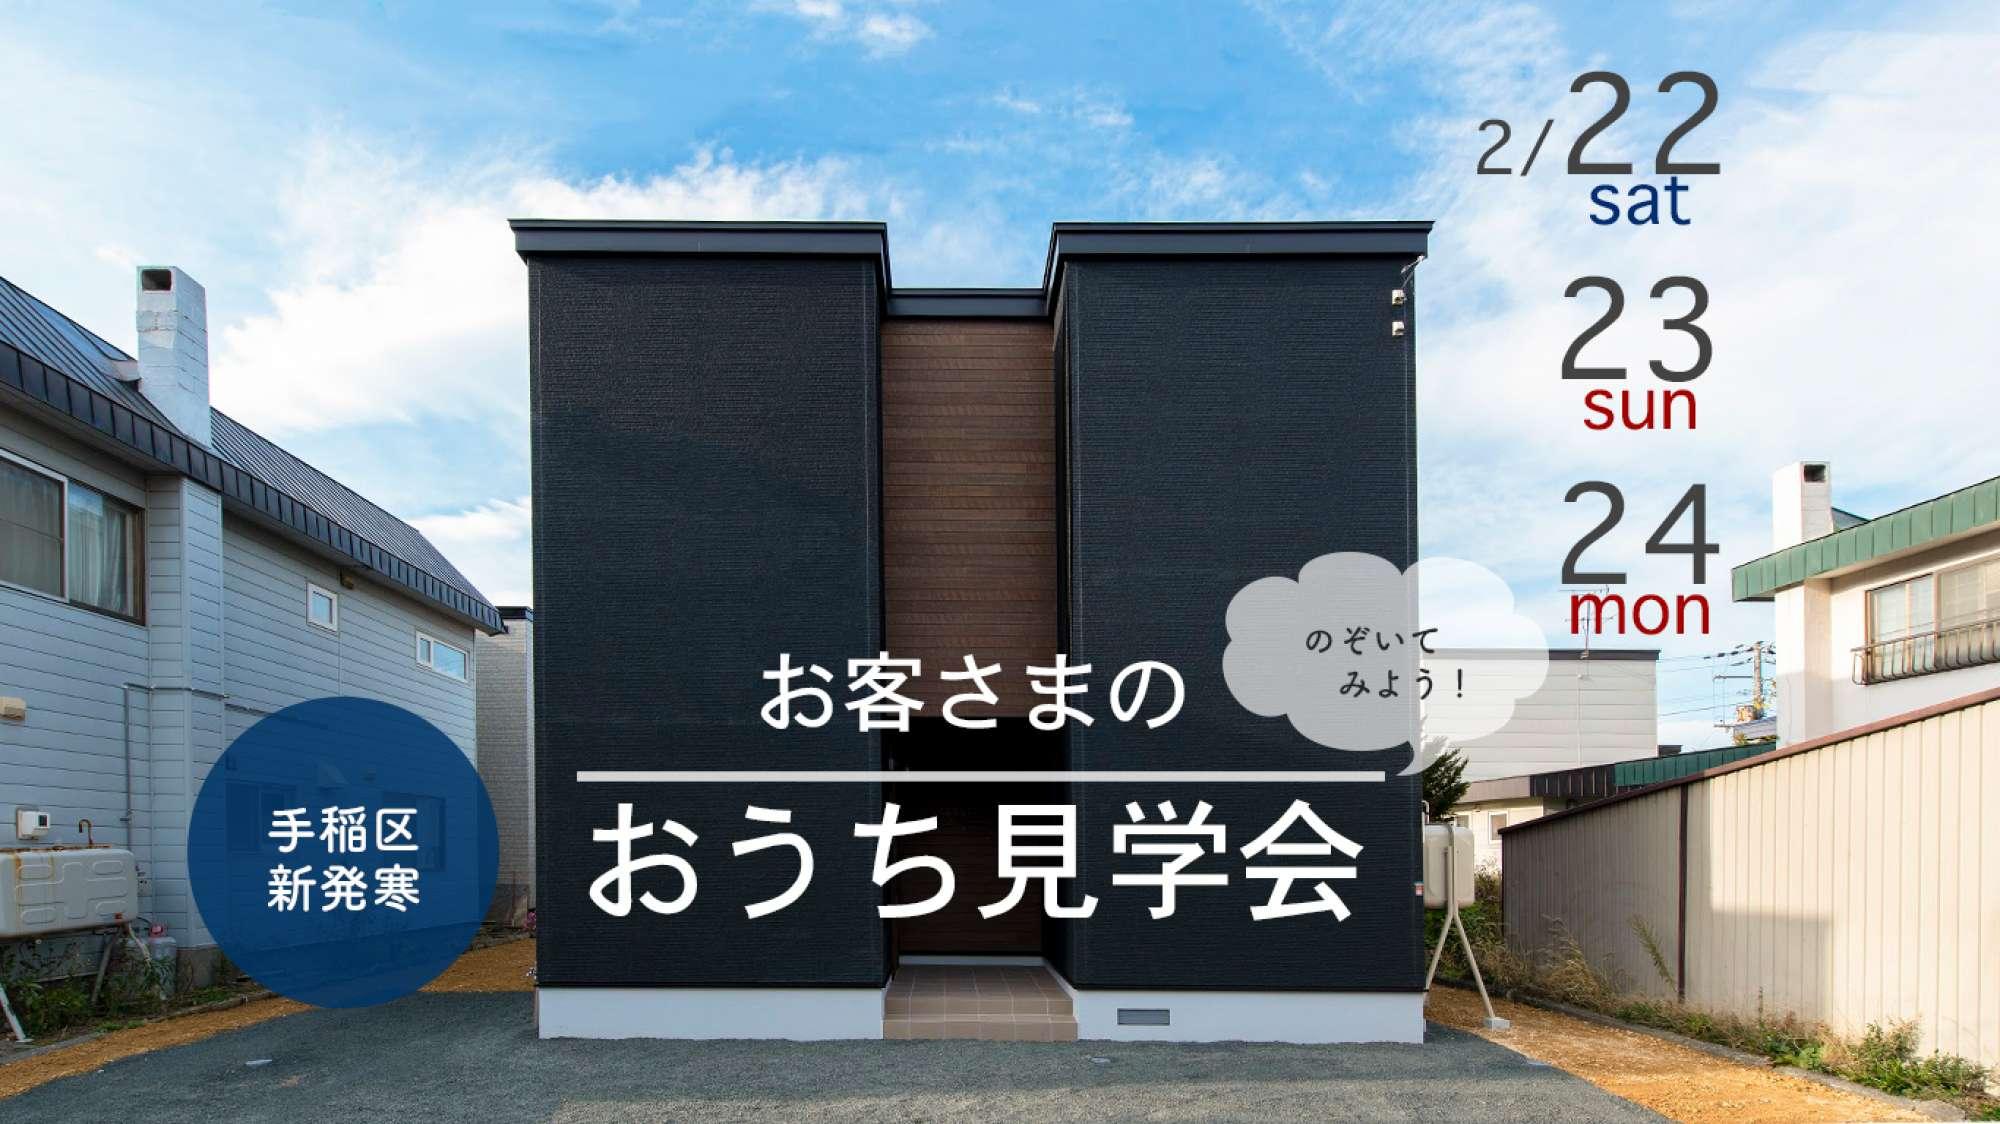 2/22(土)23(日)24(祝)開催 お客様のおうち見学会in手稲区新発寒 -